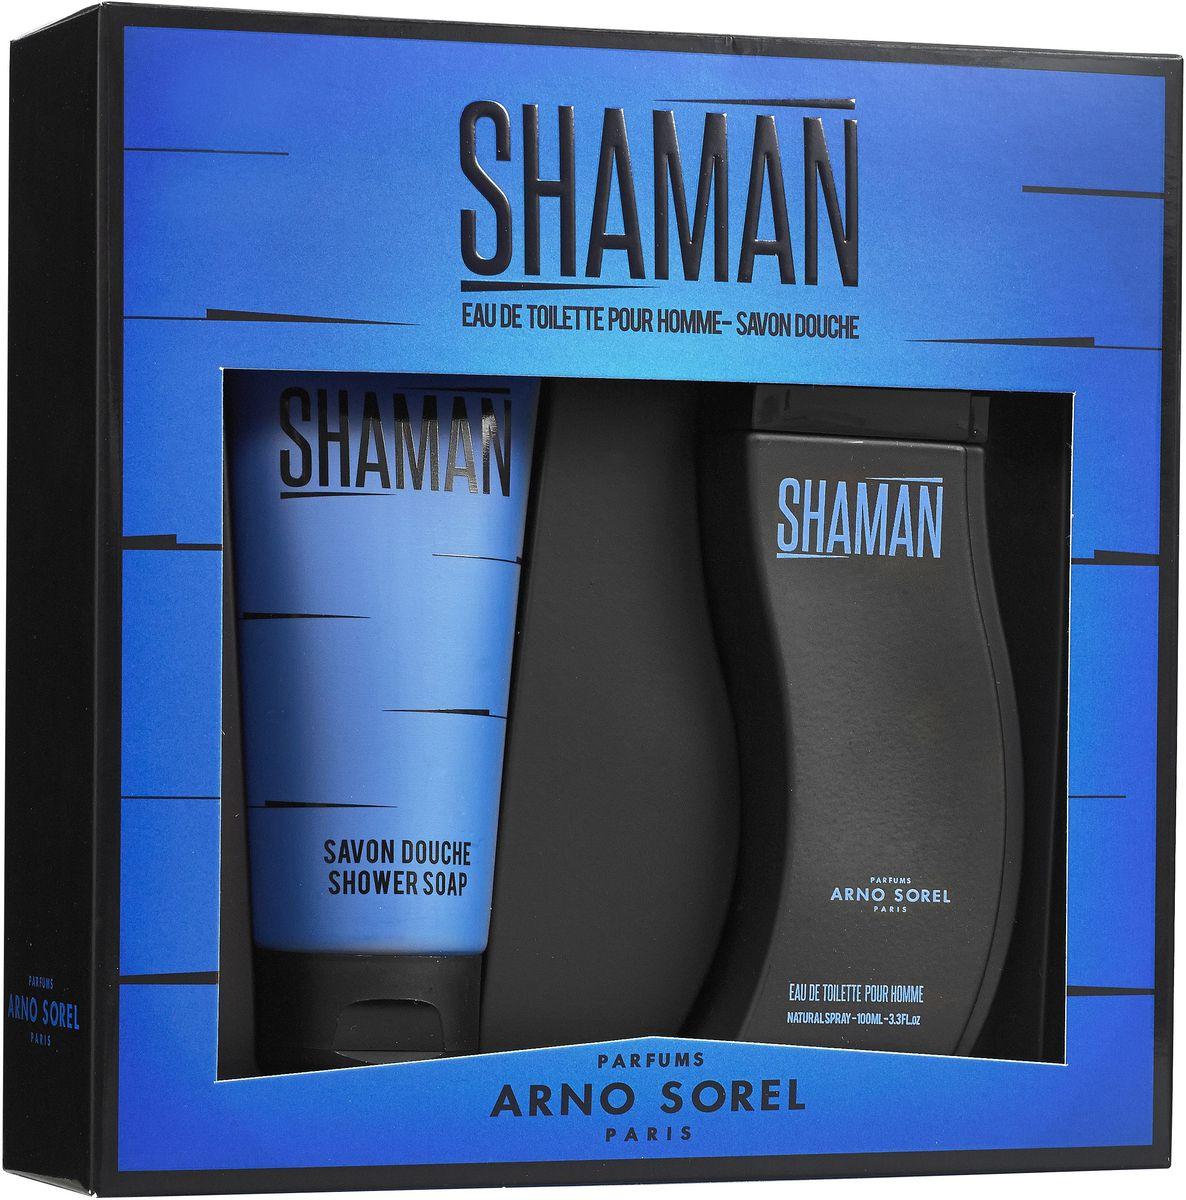 Arno Sorel Набор подарочный мужской Shaman, туалетная вода 100 мл, гель для душа 100 мл corania подарочный набор shaman sport туалетная вода 100 мл гель для душа 100 мл